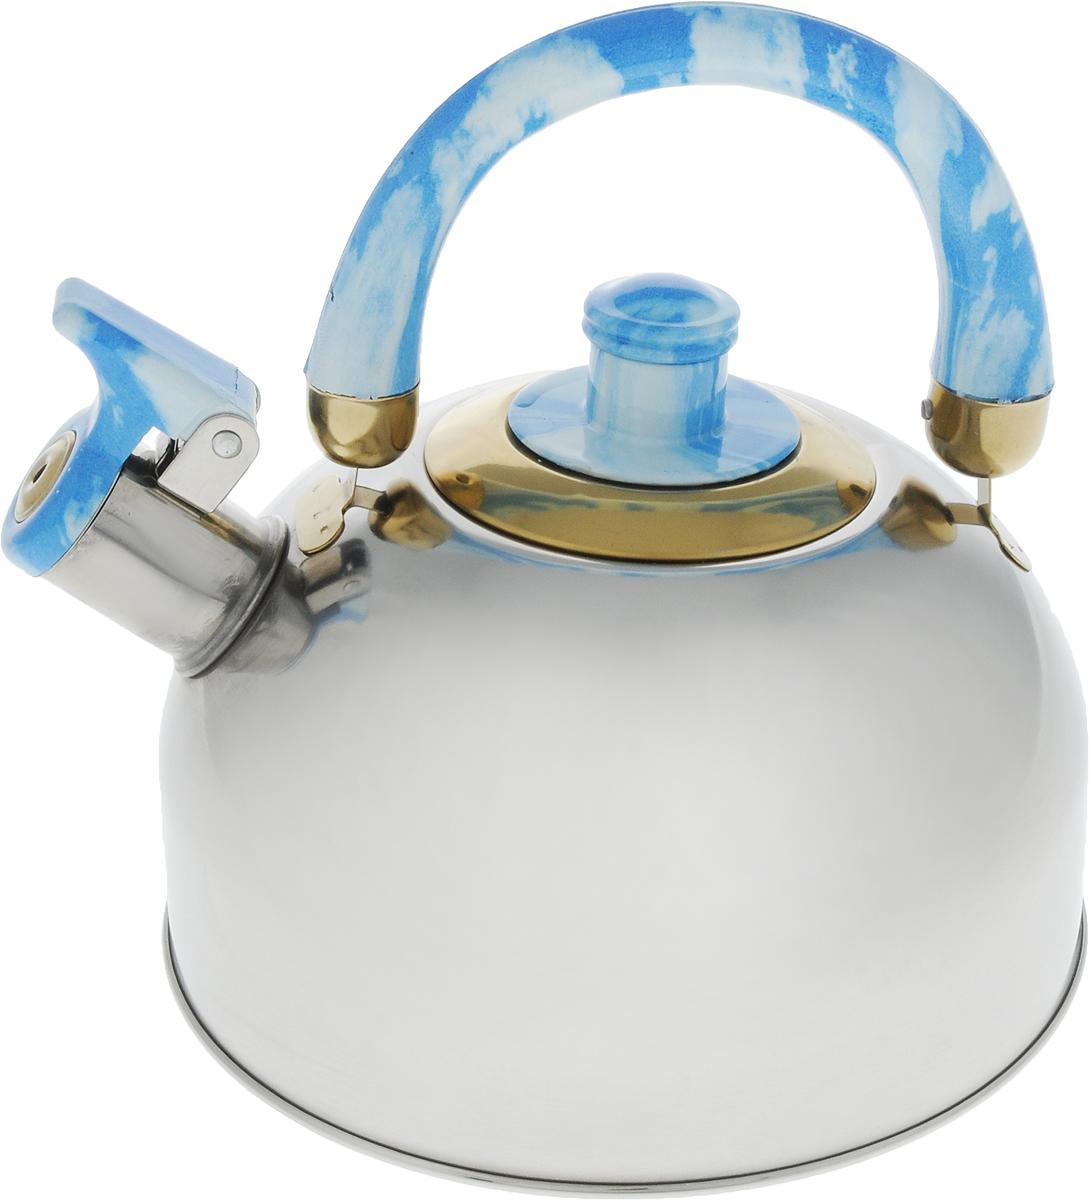 Чайник Bohmann, со свистком, 2,5 л. 621BHL68/5/4Чайник Bohmann изготовлен из нержавеющей стали с зеркальной полировкой. Высококачественная сталь представляет собой материал, из которого в течение нескольких десятилетий во всем мире производятся столовые приборы, кухонные инструменты и различные аксессуары. Этот материал обладает высокой стойкостью к коррозии и кислотам. Прочность, долговечность и надежность этого материала, а также первоклассная обработка обеспечивают практически неограниченный запас прочности и неизменно привлекательный внешний вид. Чайник оснащен удобной ручкой из бакелита. Ручка не нагревается, что предотвращает появление ожогов и обеспечивает безопасность использования. Носик чайника имеет откидной свисток для определения кипения. Можно использовать на всех типах плит, кроме индукционных. Можно мыть в посудомоечной машине. Диаметр (по верхнему краю): 8,5 см.Высота чайника (без учета ручки): 10 см.Высота чайника (с учетом ручки): 19,5 см.Диаметр основания: 14 см.